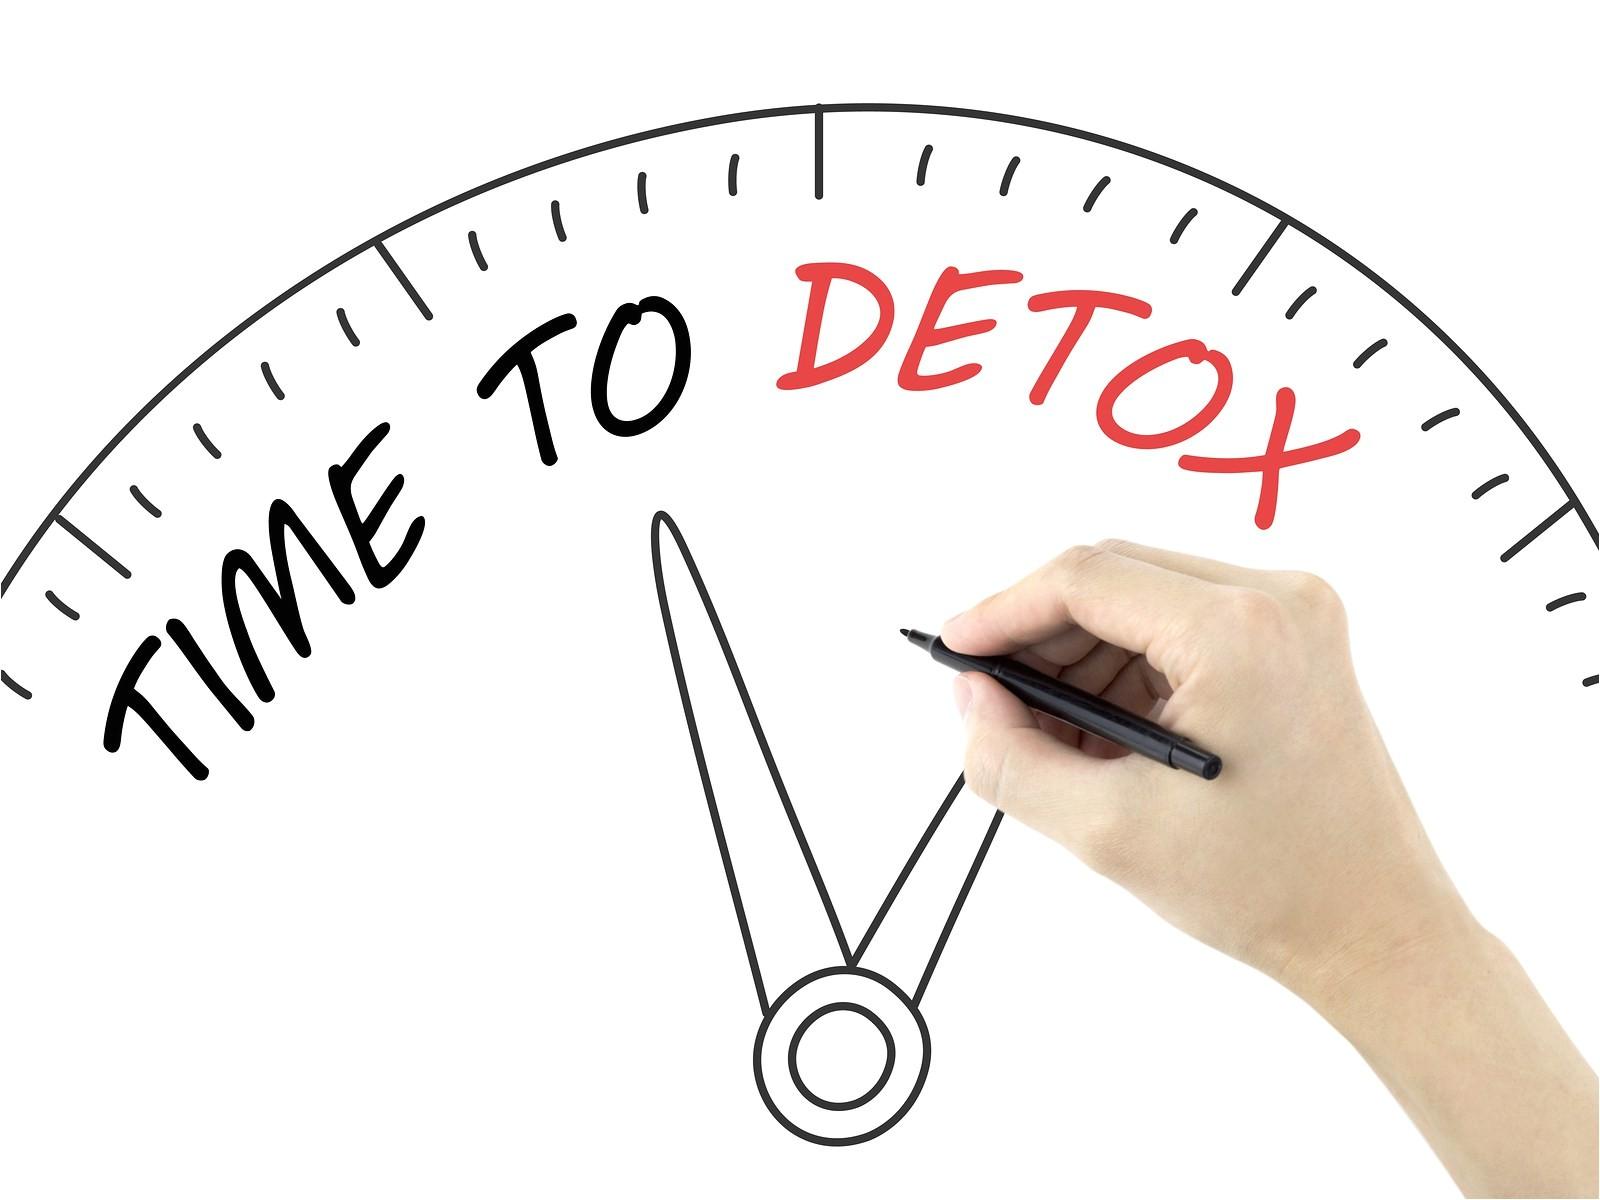 heroin detox at home comfortably naturally